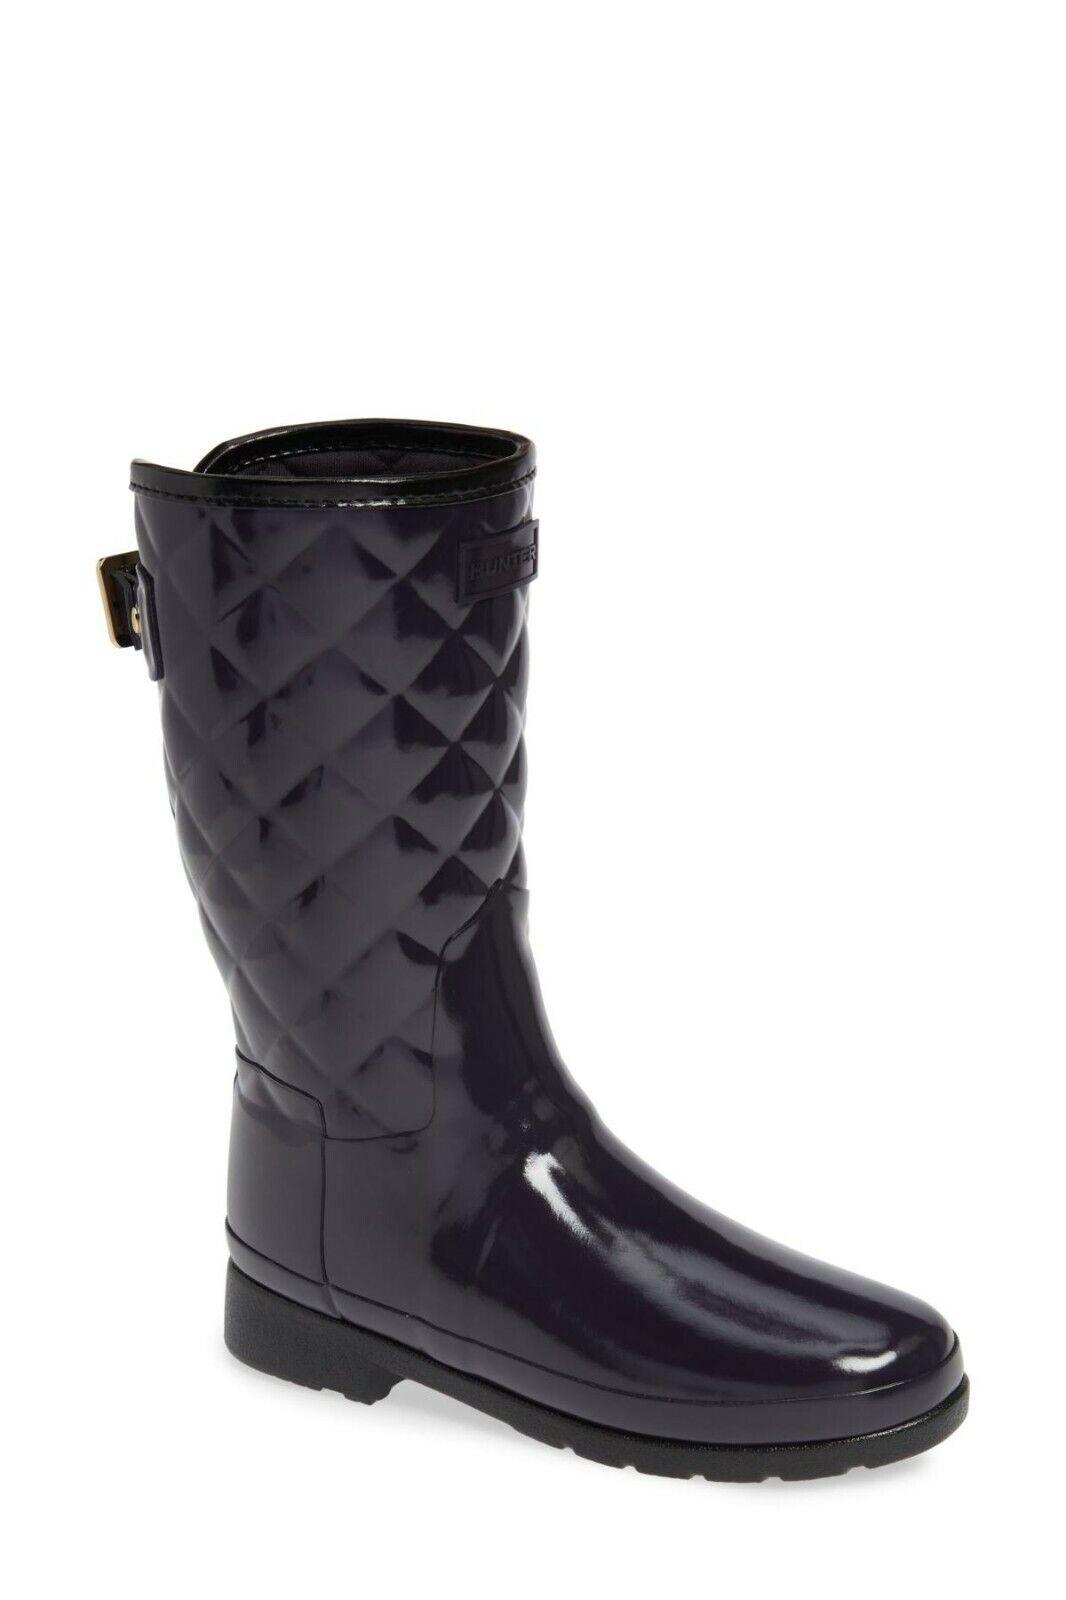 Mujeres botas De Lluvia Hunter refinado de alto brillo Acolchado De Goma Botines 5 8 gris Corto